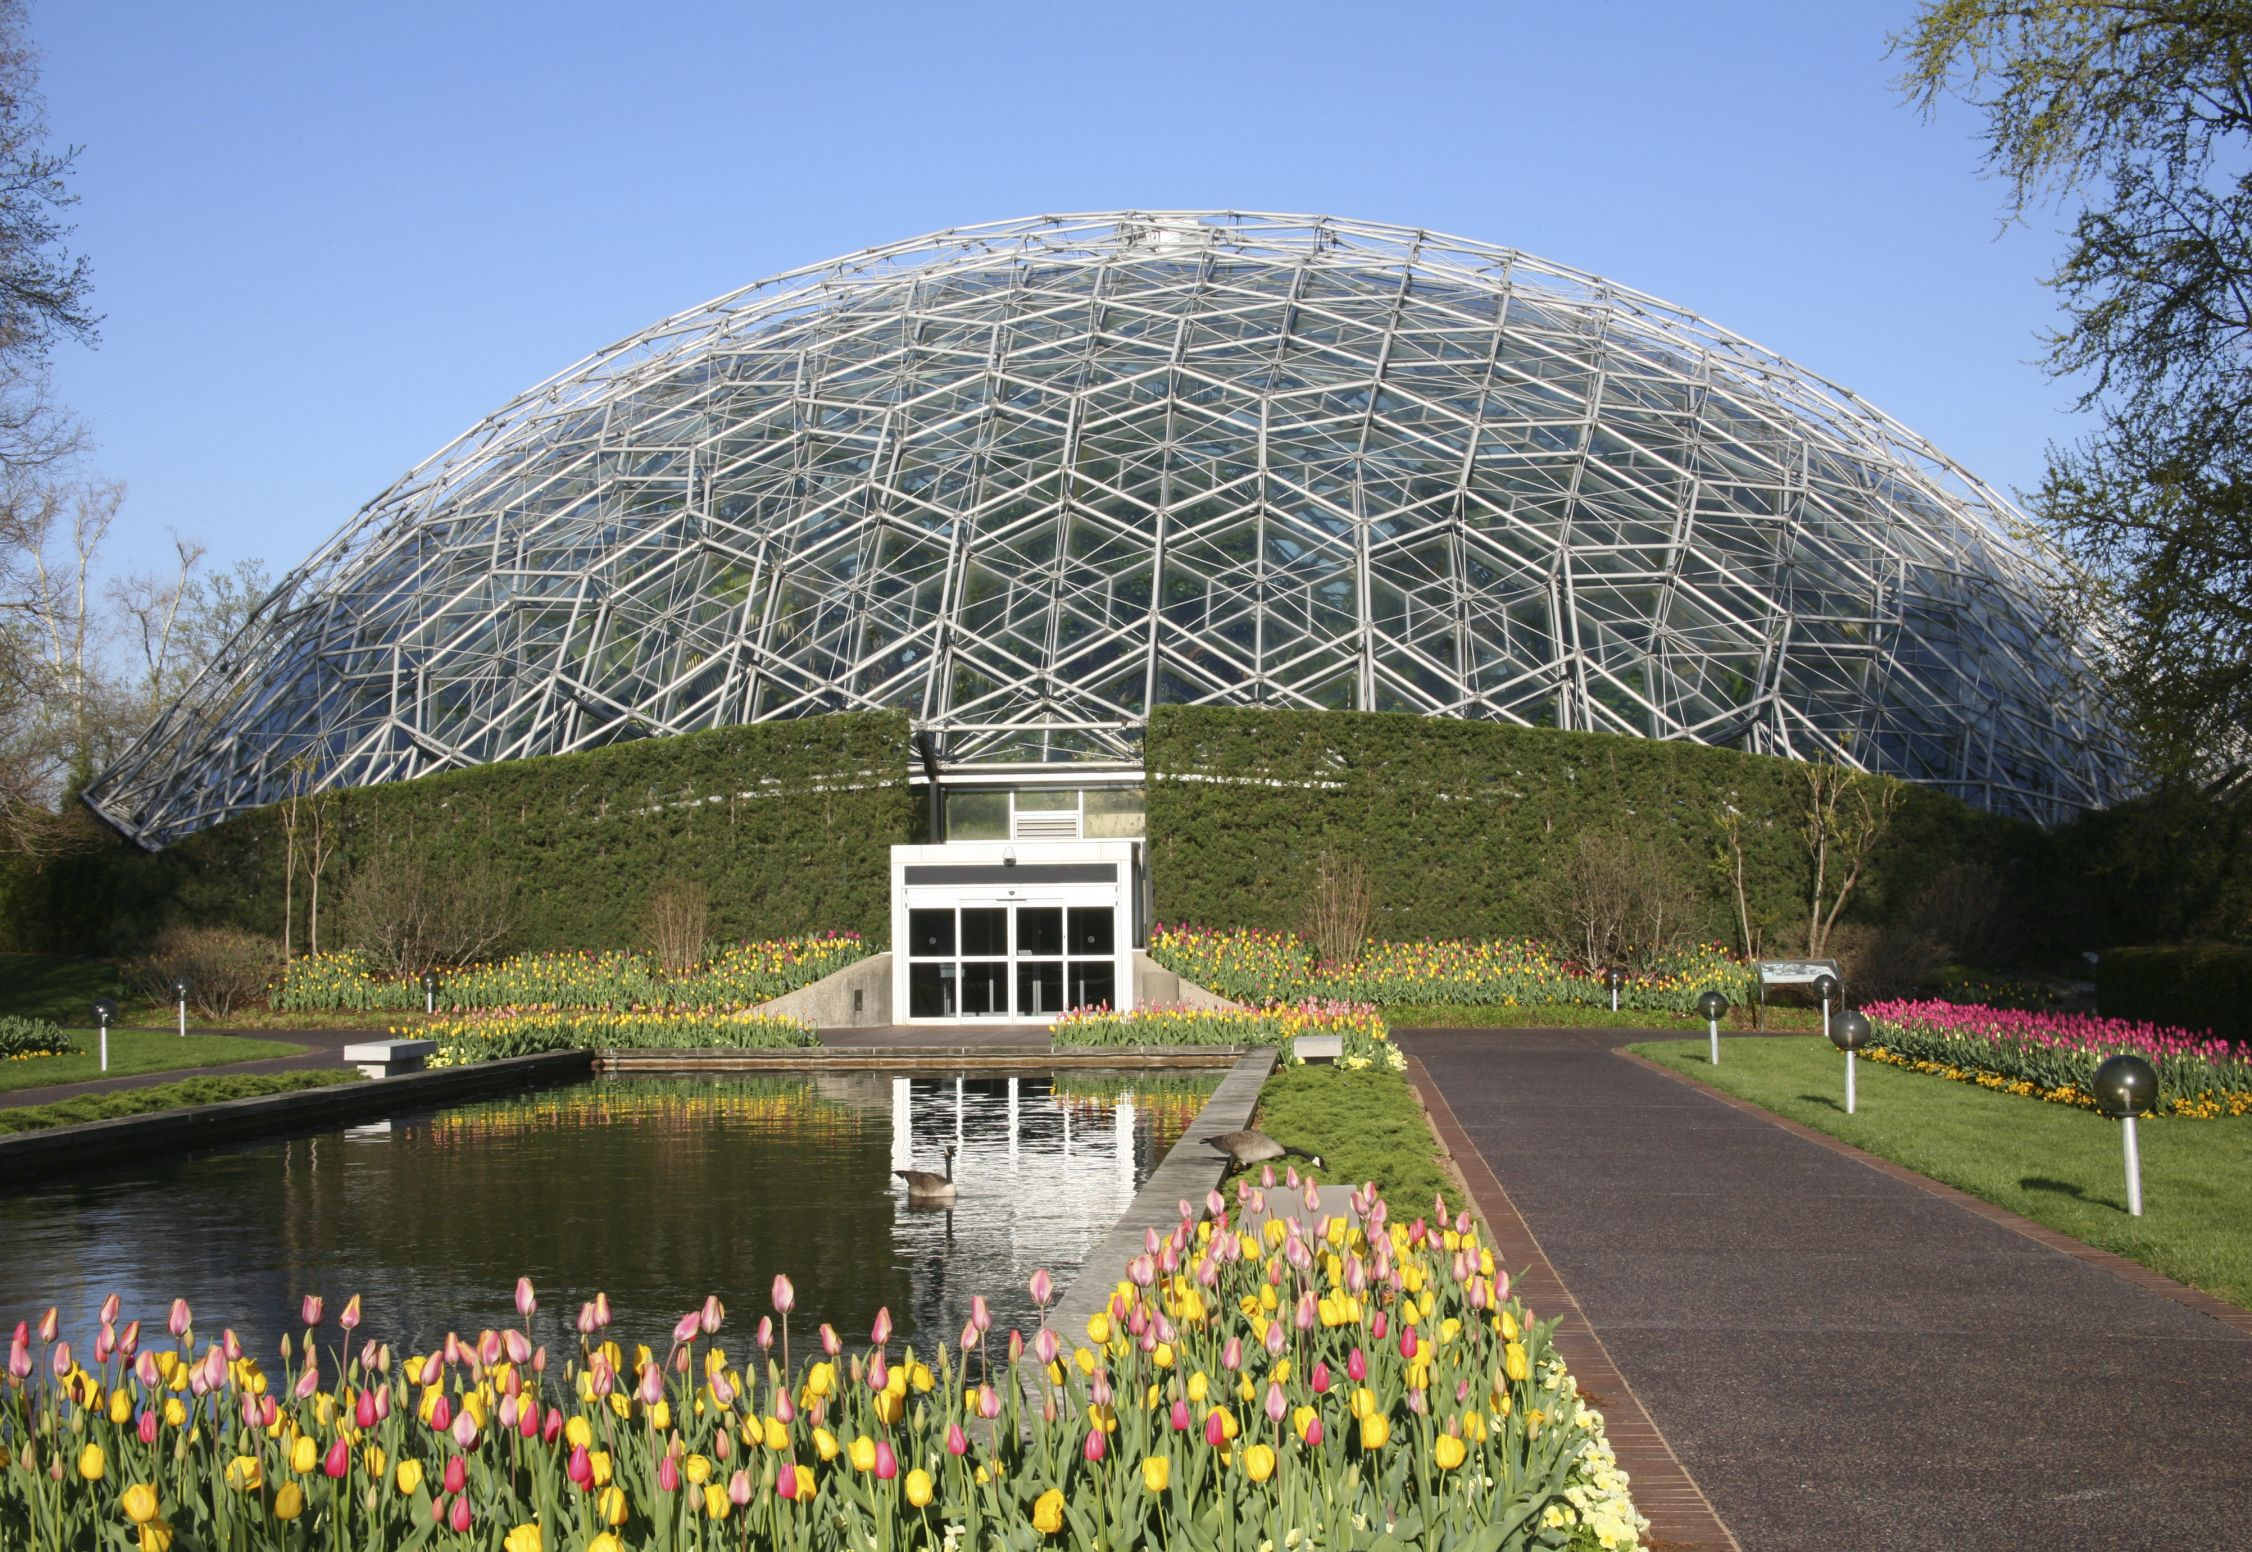 65524c3becc0a476565fa41110593afe - Botanical Gardens St Louis Light Show